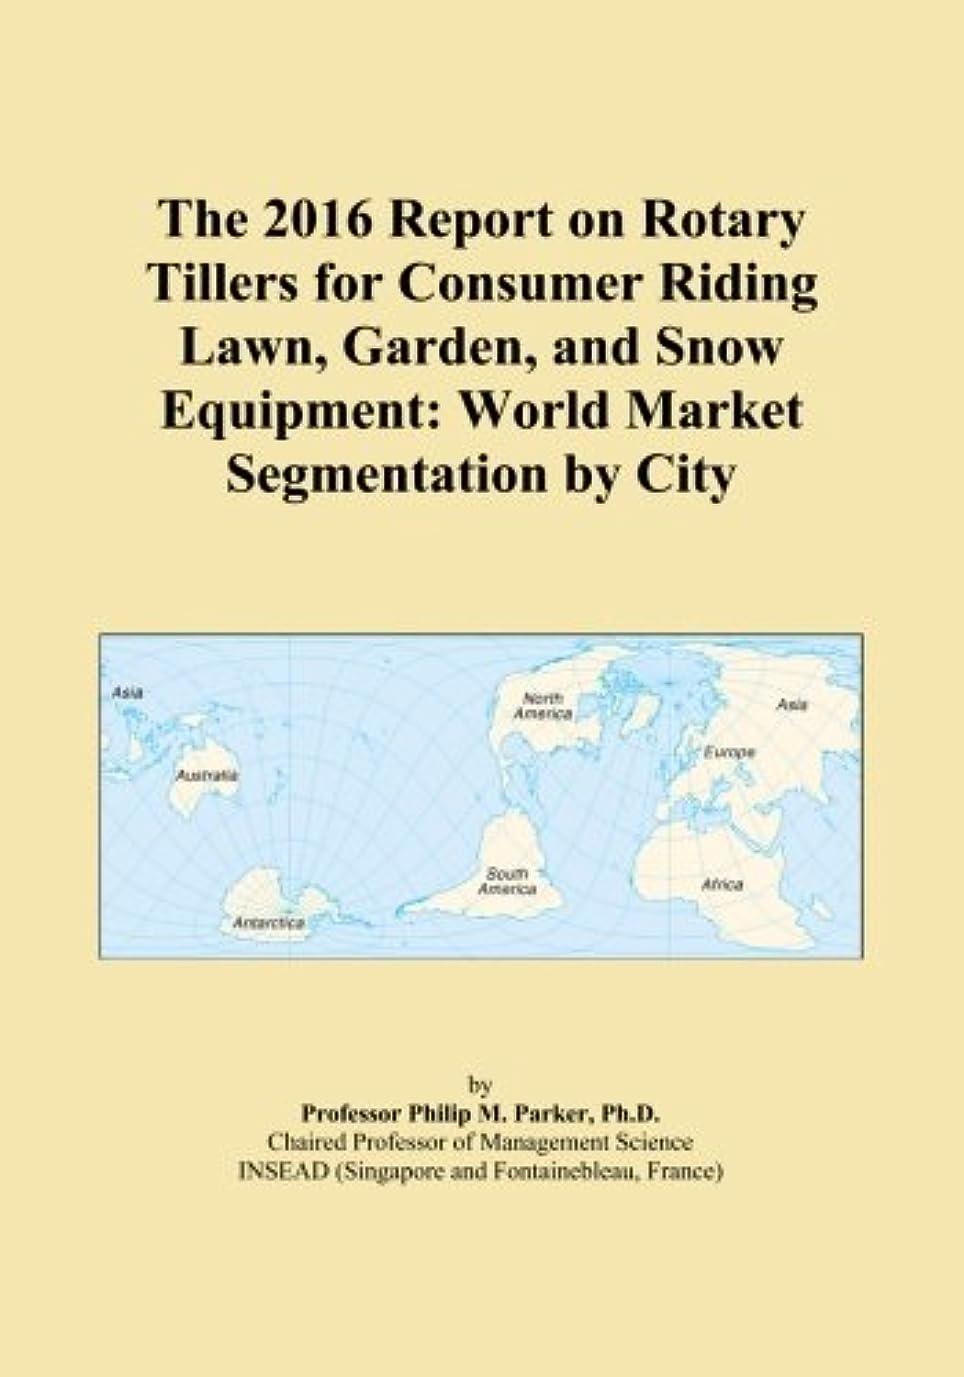 転用天文学の配列The 2016 Report on Rotary Tillers for Consumer Riding Lawn, Garden, and Snow Equipment: World Market Segmentation by City